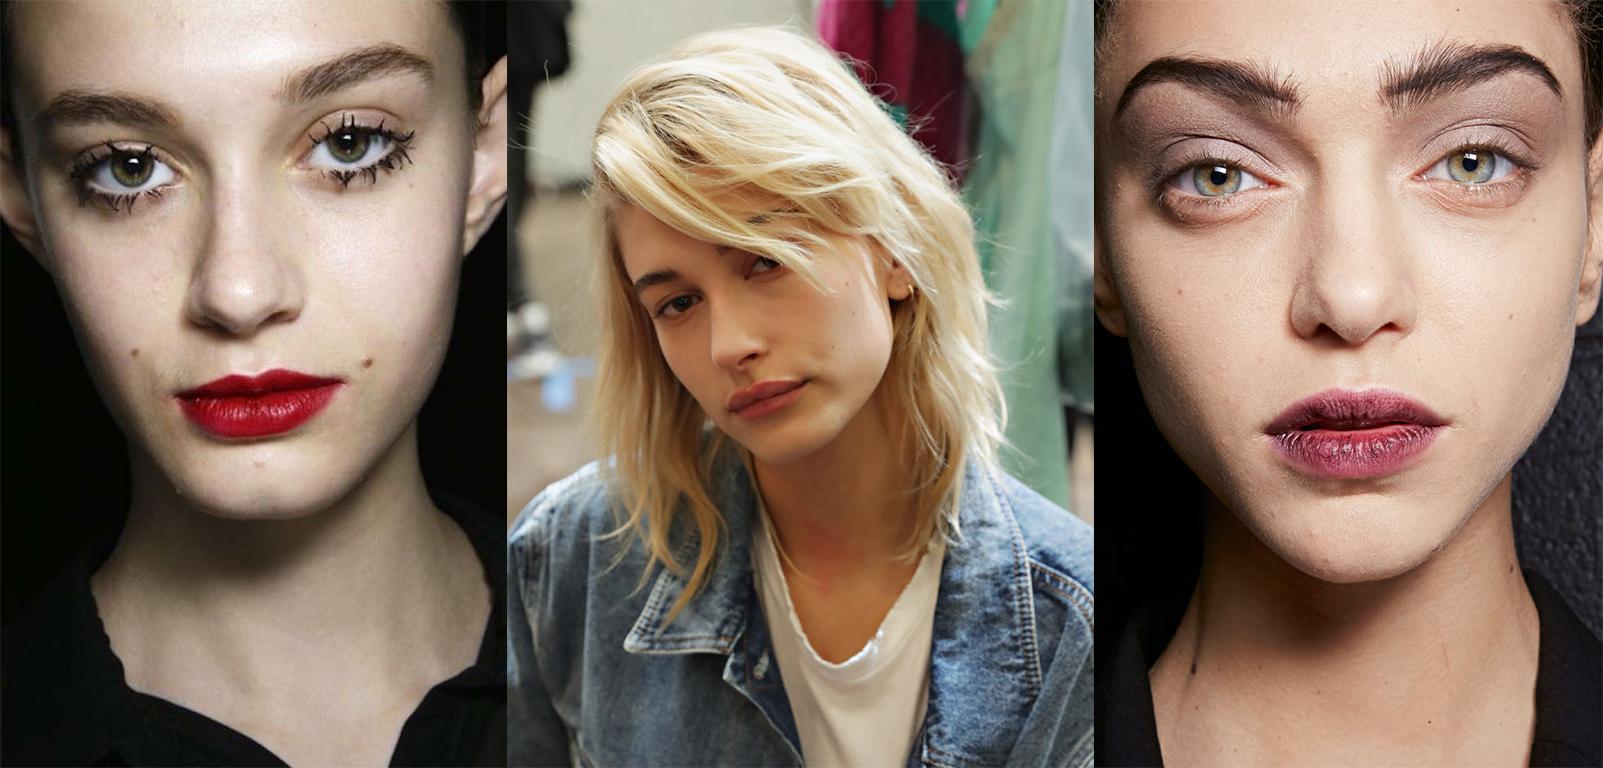 Las 10 tendencias de peinado y maquillaje que no deberás perder de vista en 2018